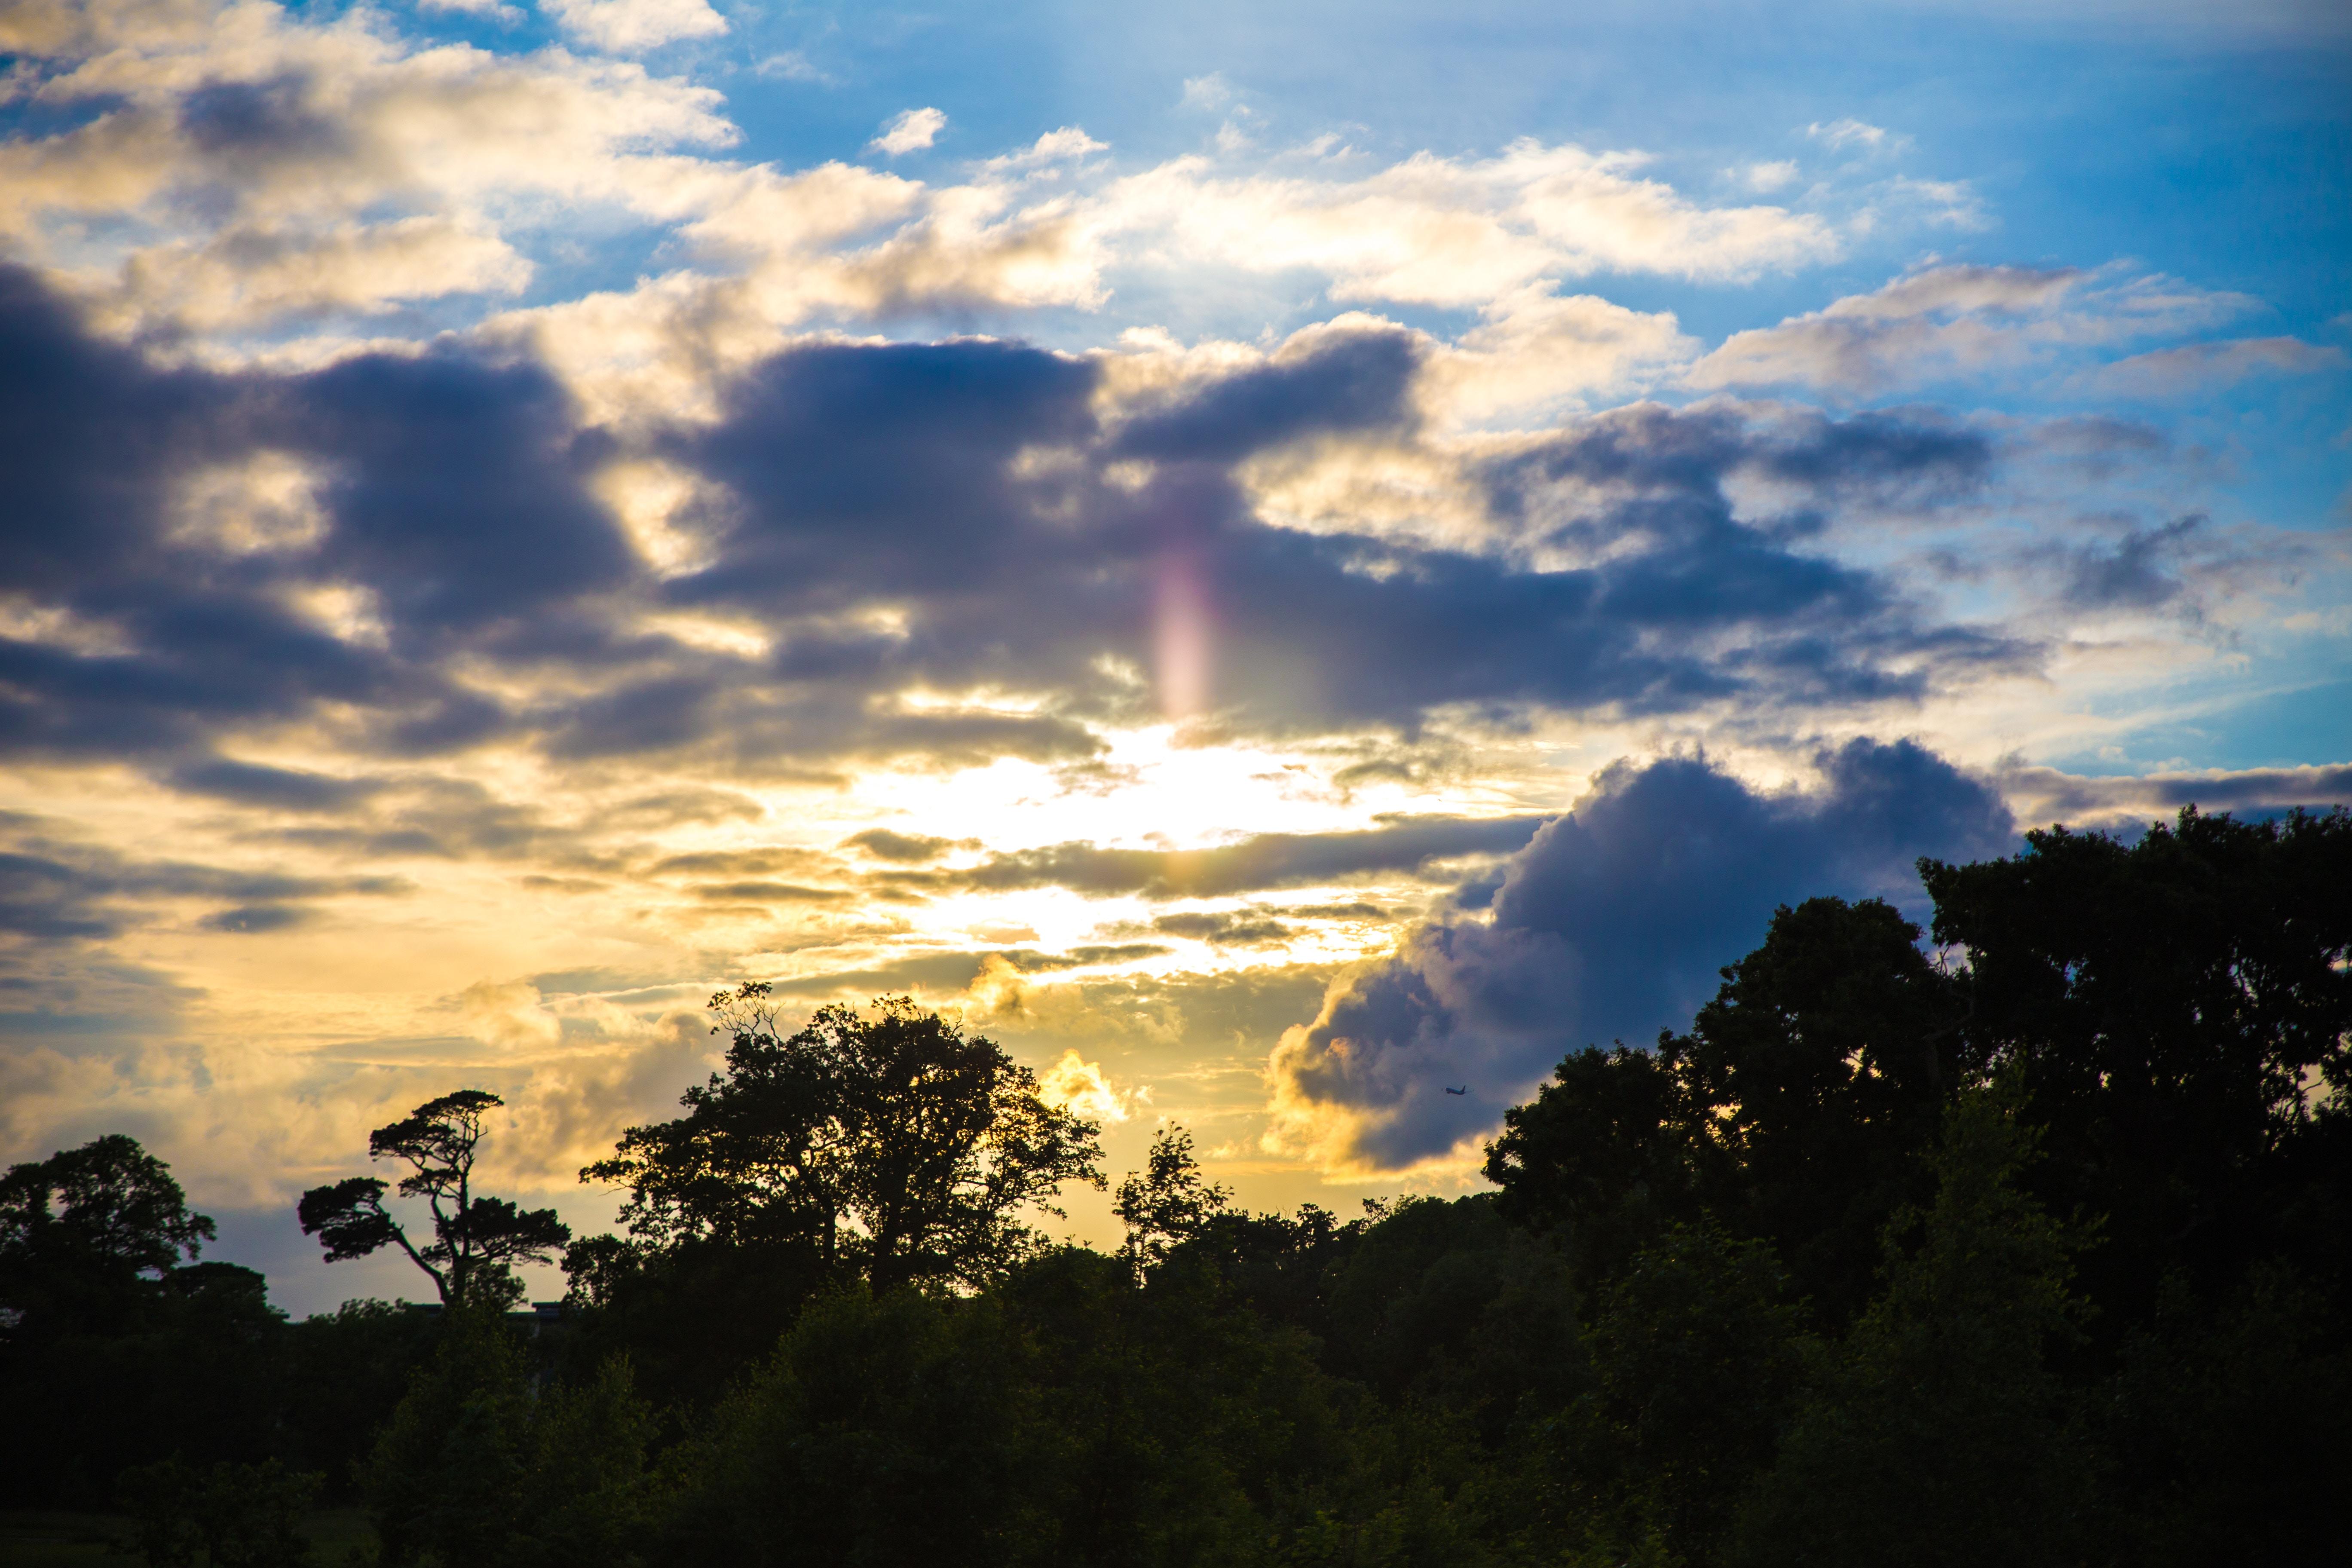 98966 скачать обои Природа, Деревья, Закат, Небо, Облака - заставки и картинки бесплатно